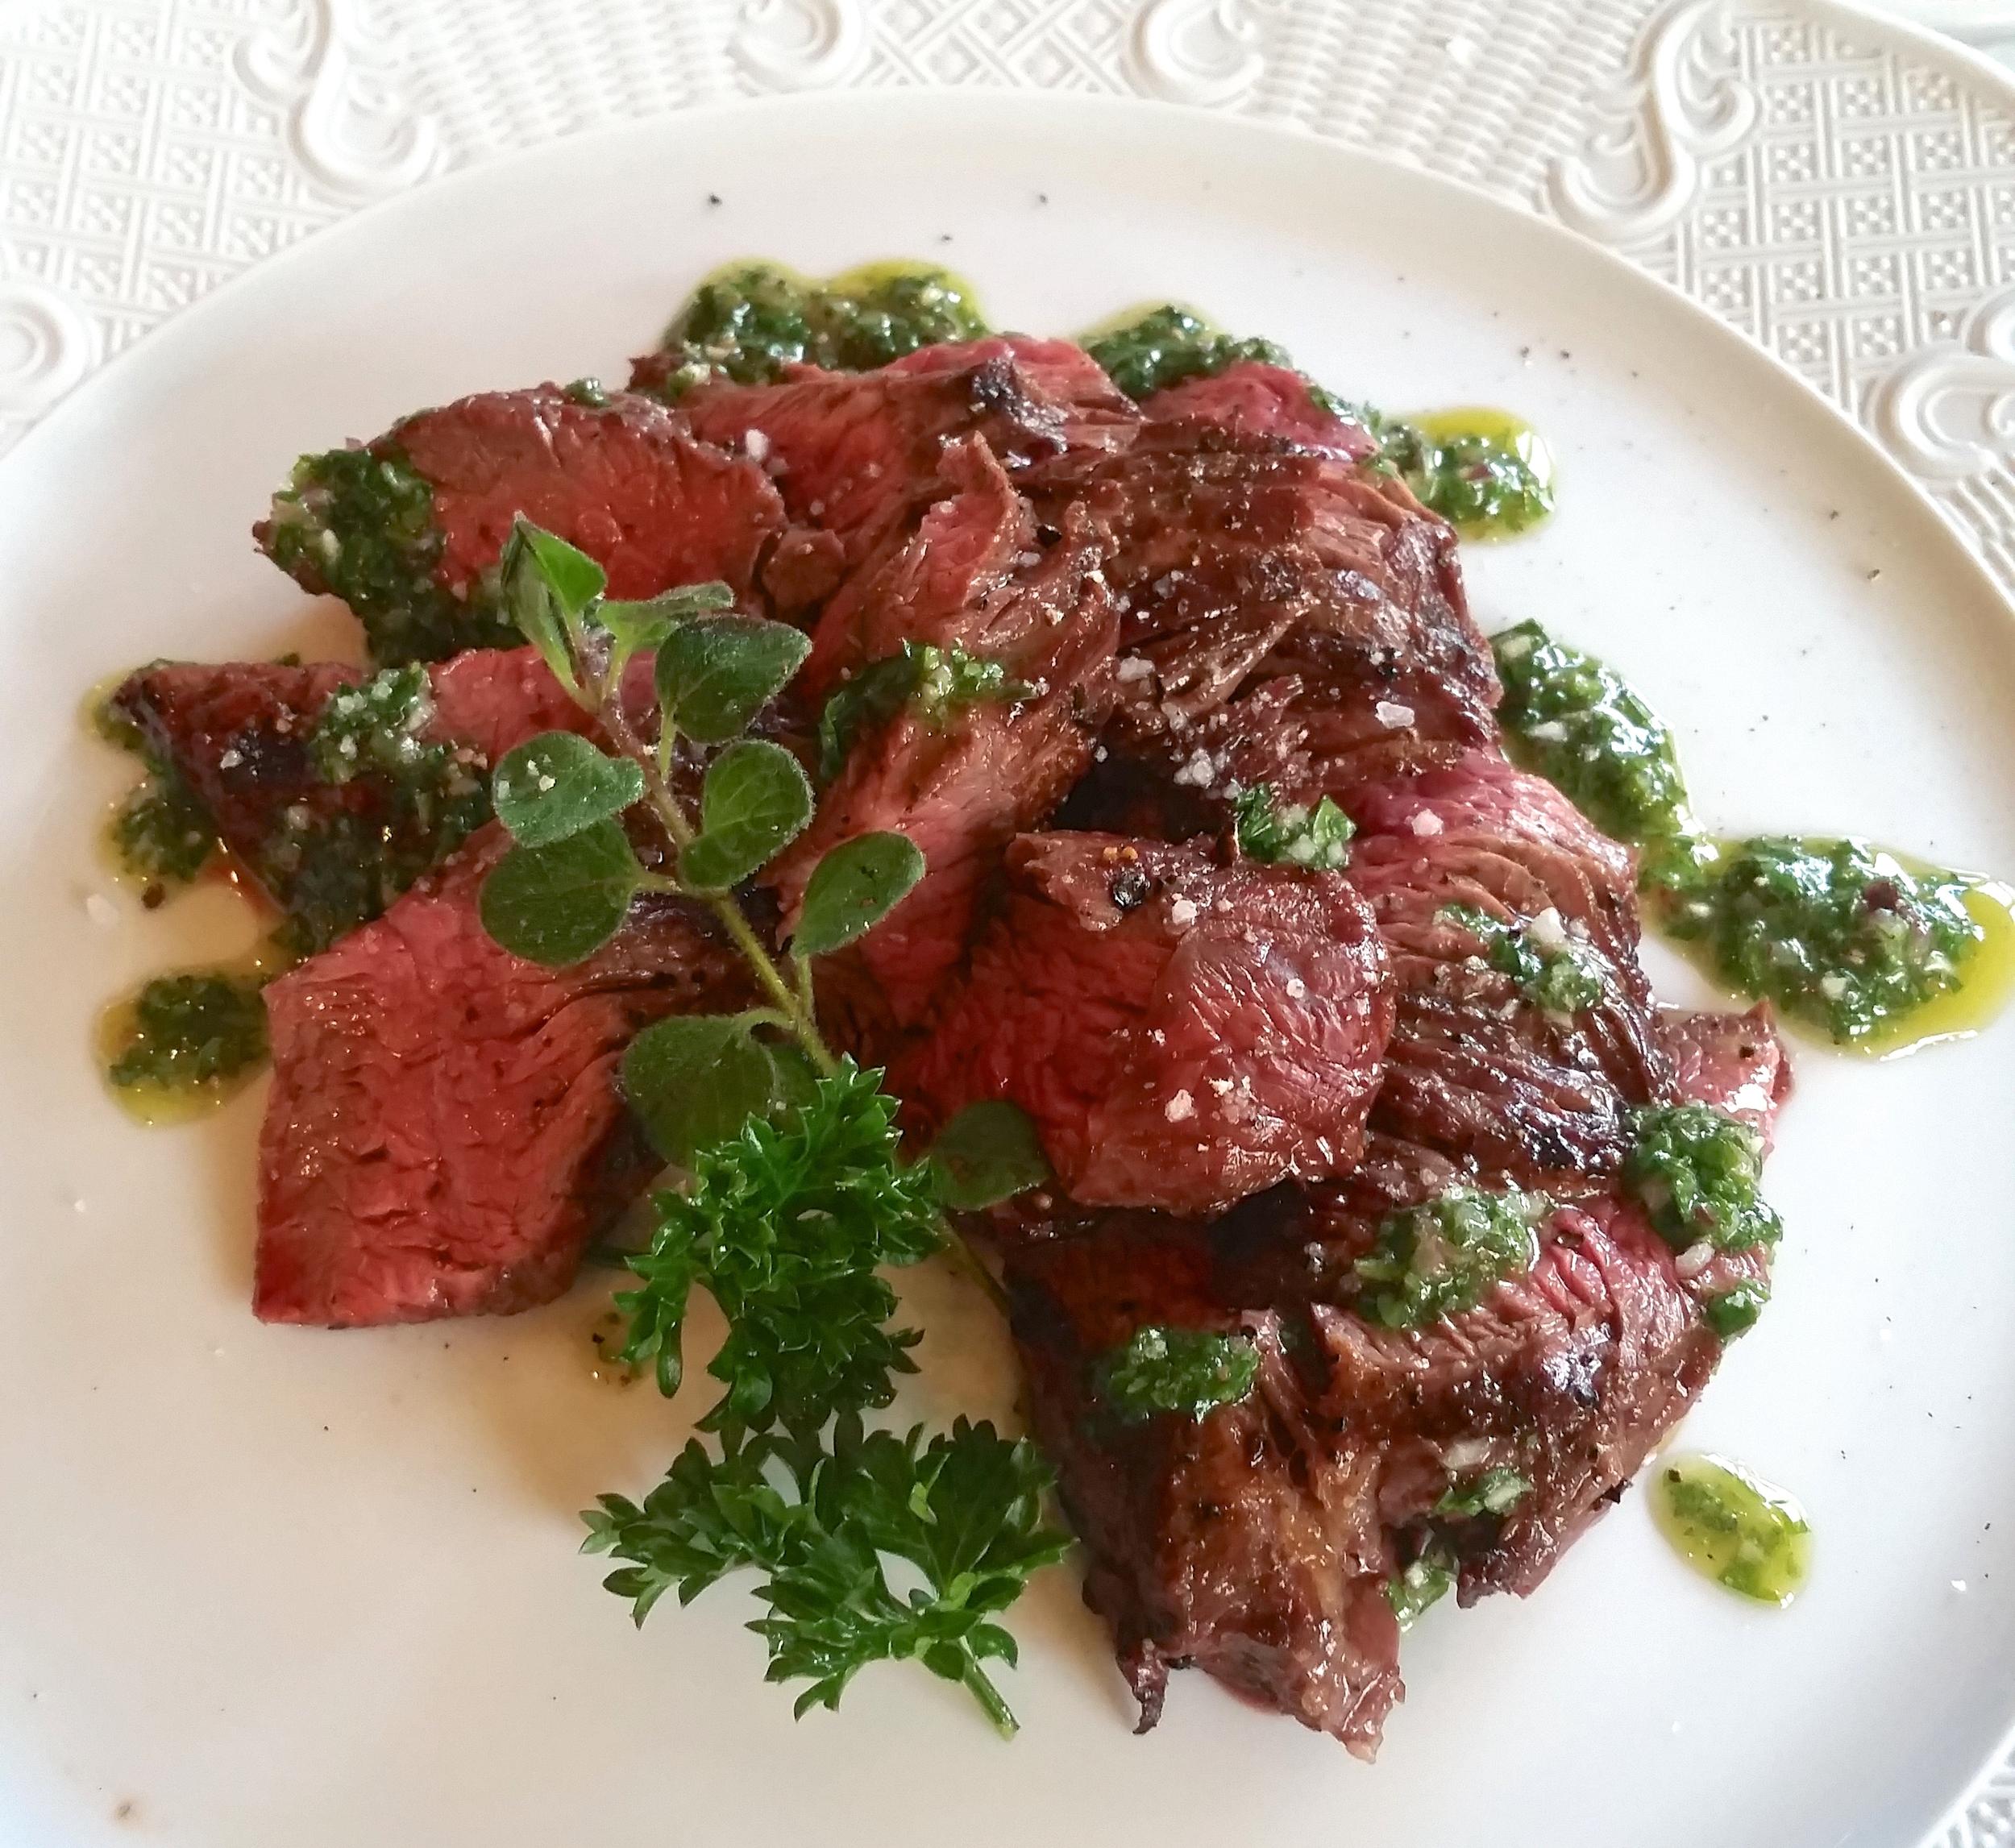 Randall Lineback Flank Steak with Chimichurri